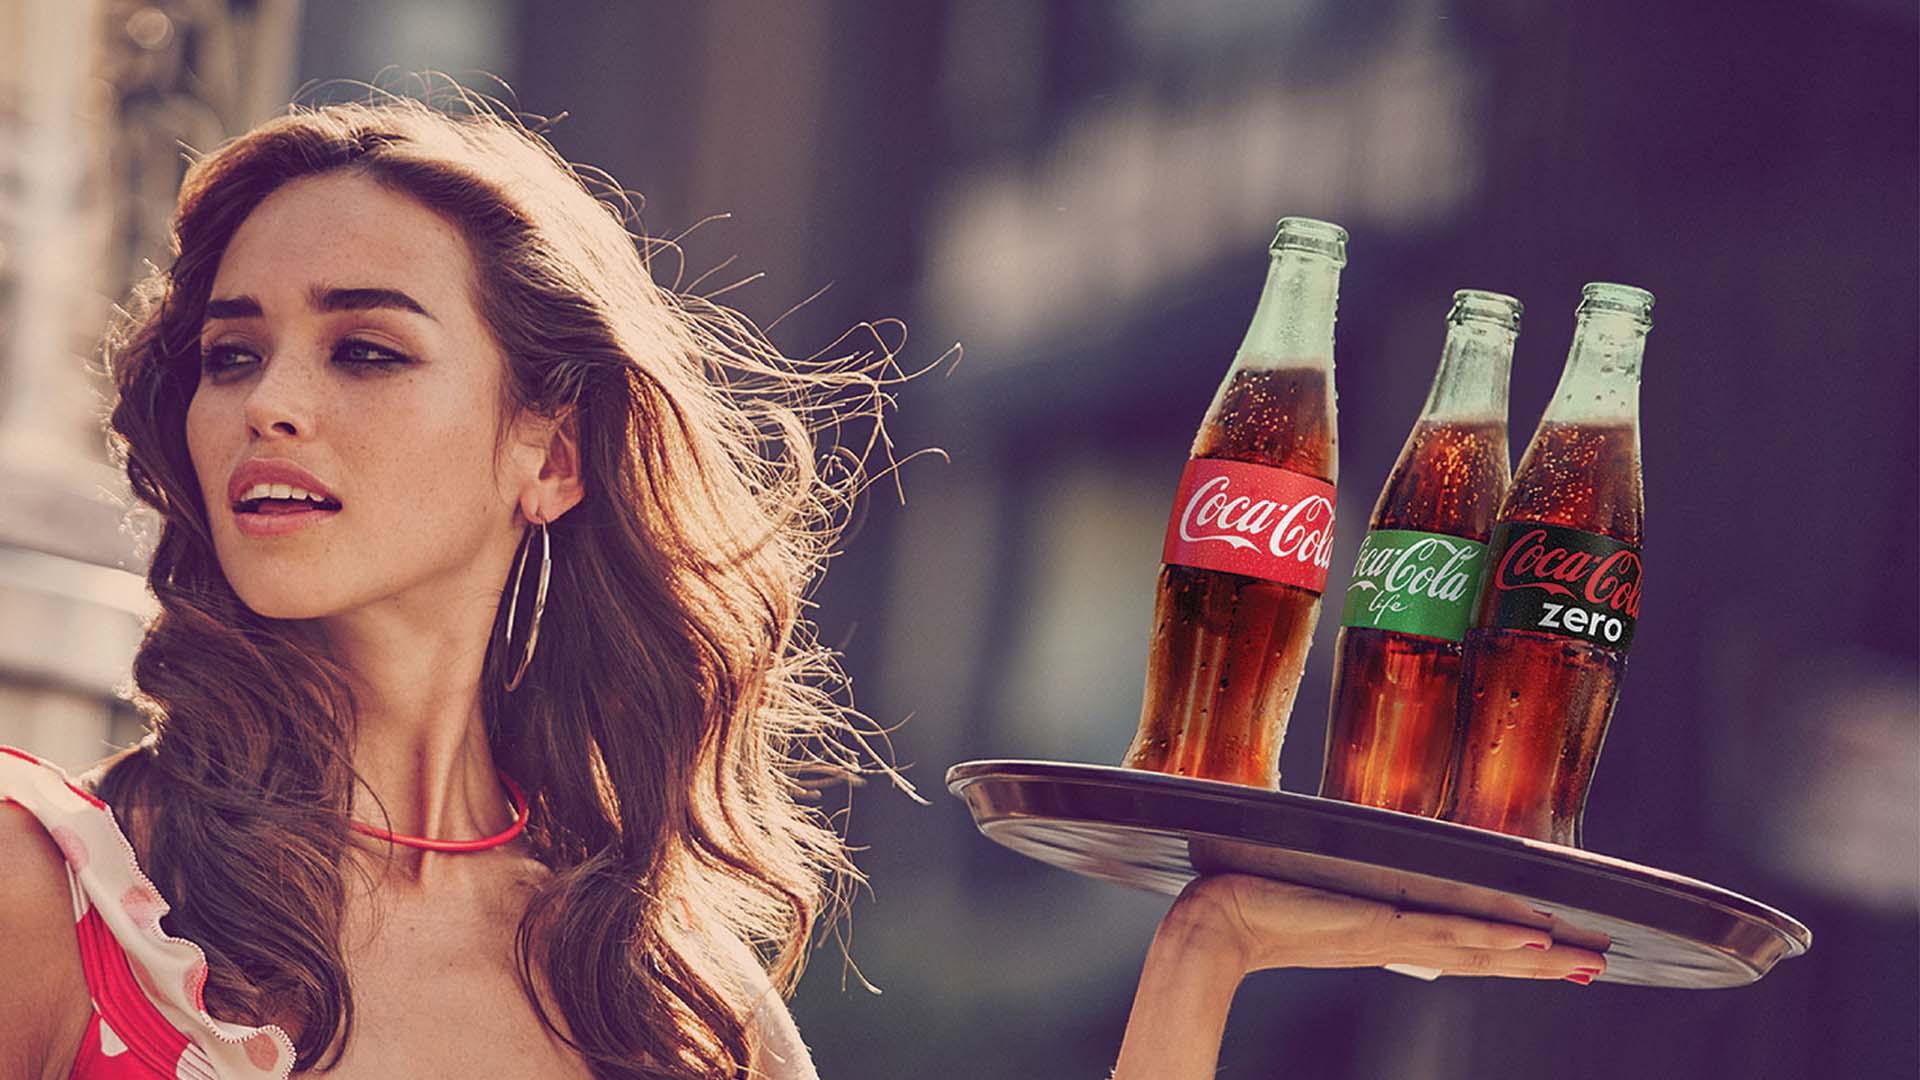 La marca celebró su presencia en el mercado introduciendo tres nuevas versiones de la bebida